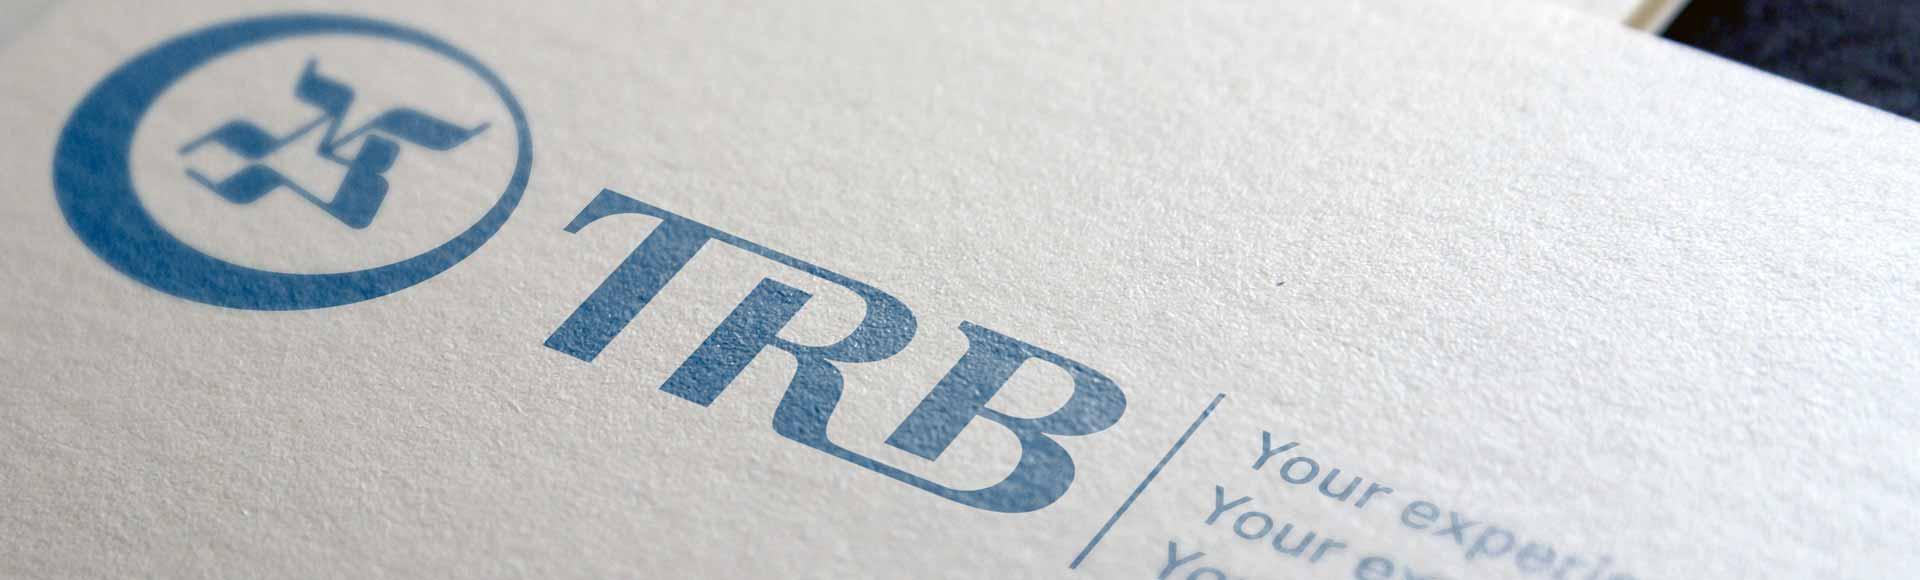 TRB-neue-logo-header-banner-1920x580